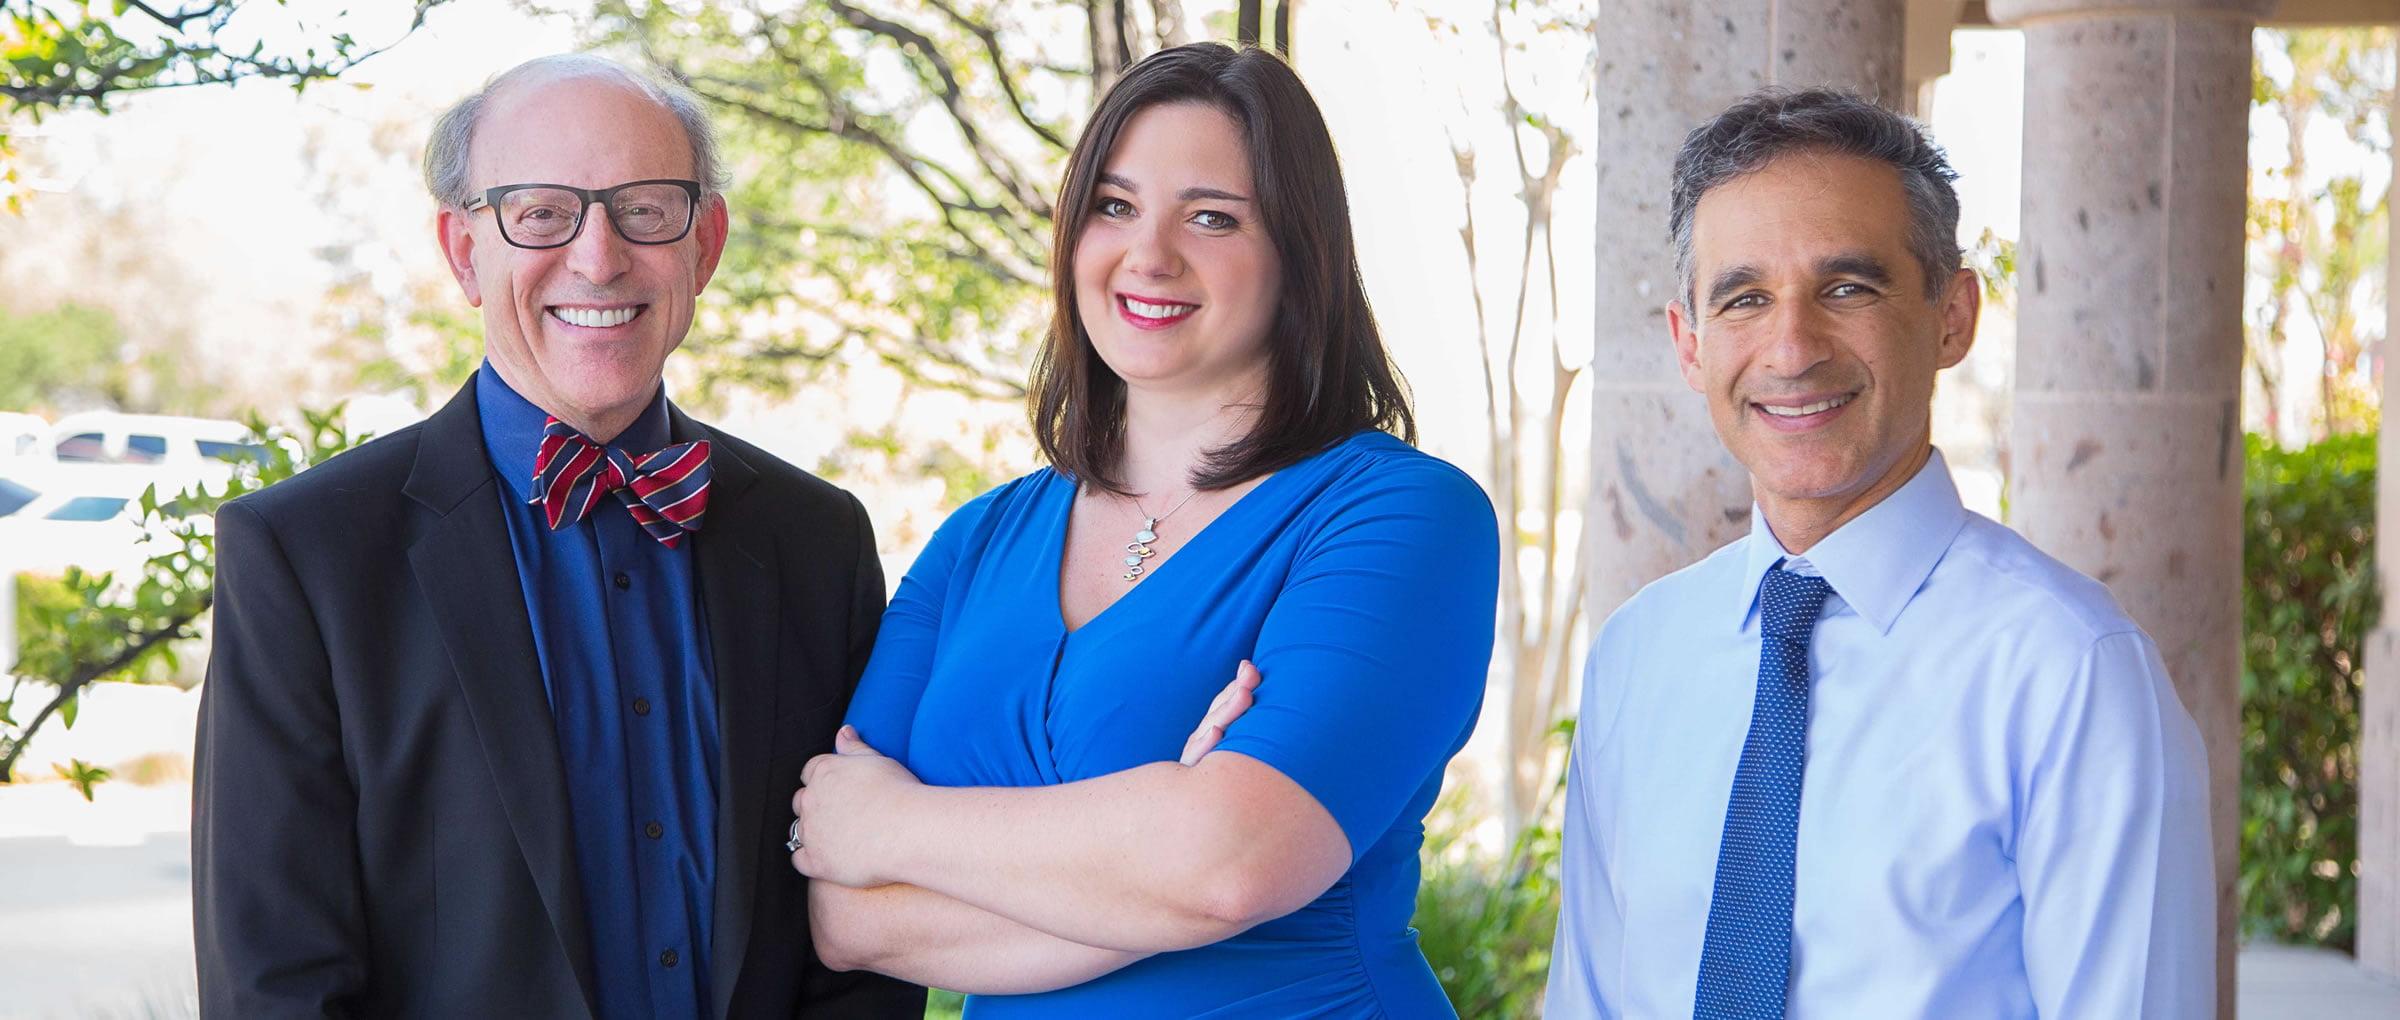 Équipe médicale de Fertility Center of Las Vegas